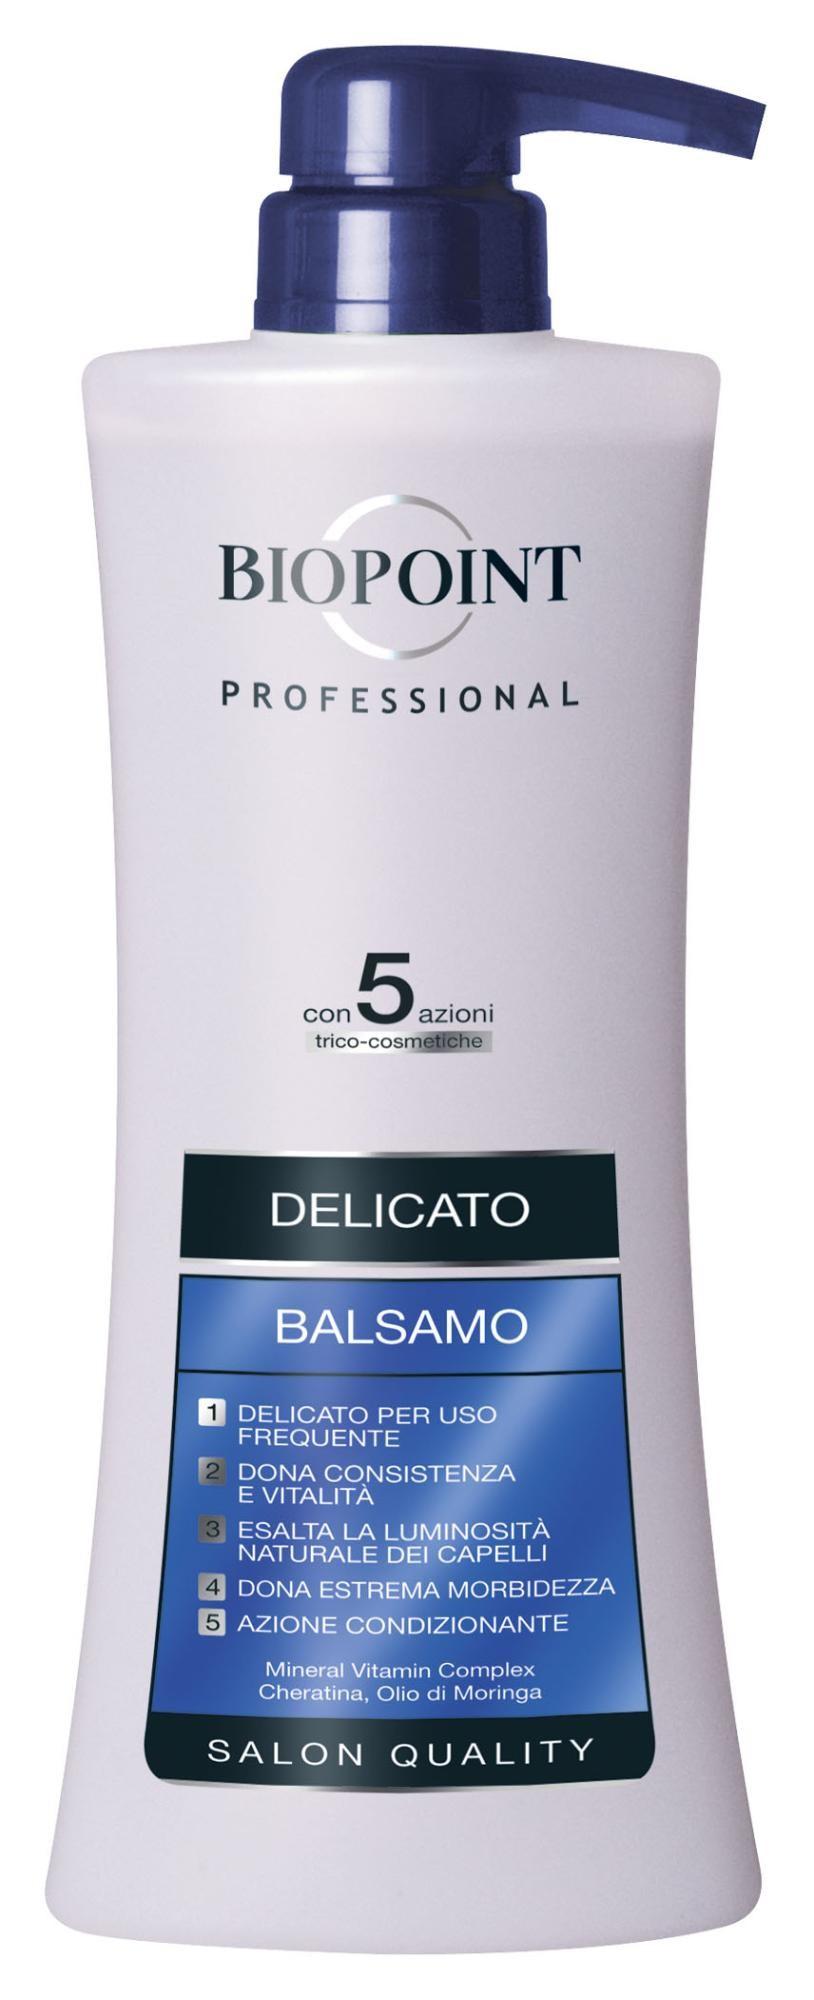 Biopoint PV03720 Donna Balsamo professionale per capelli 400 ml